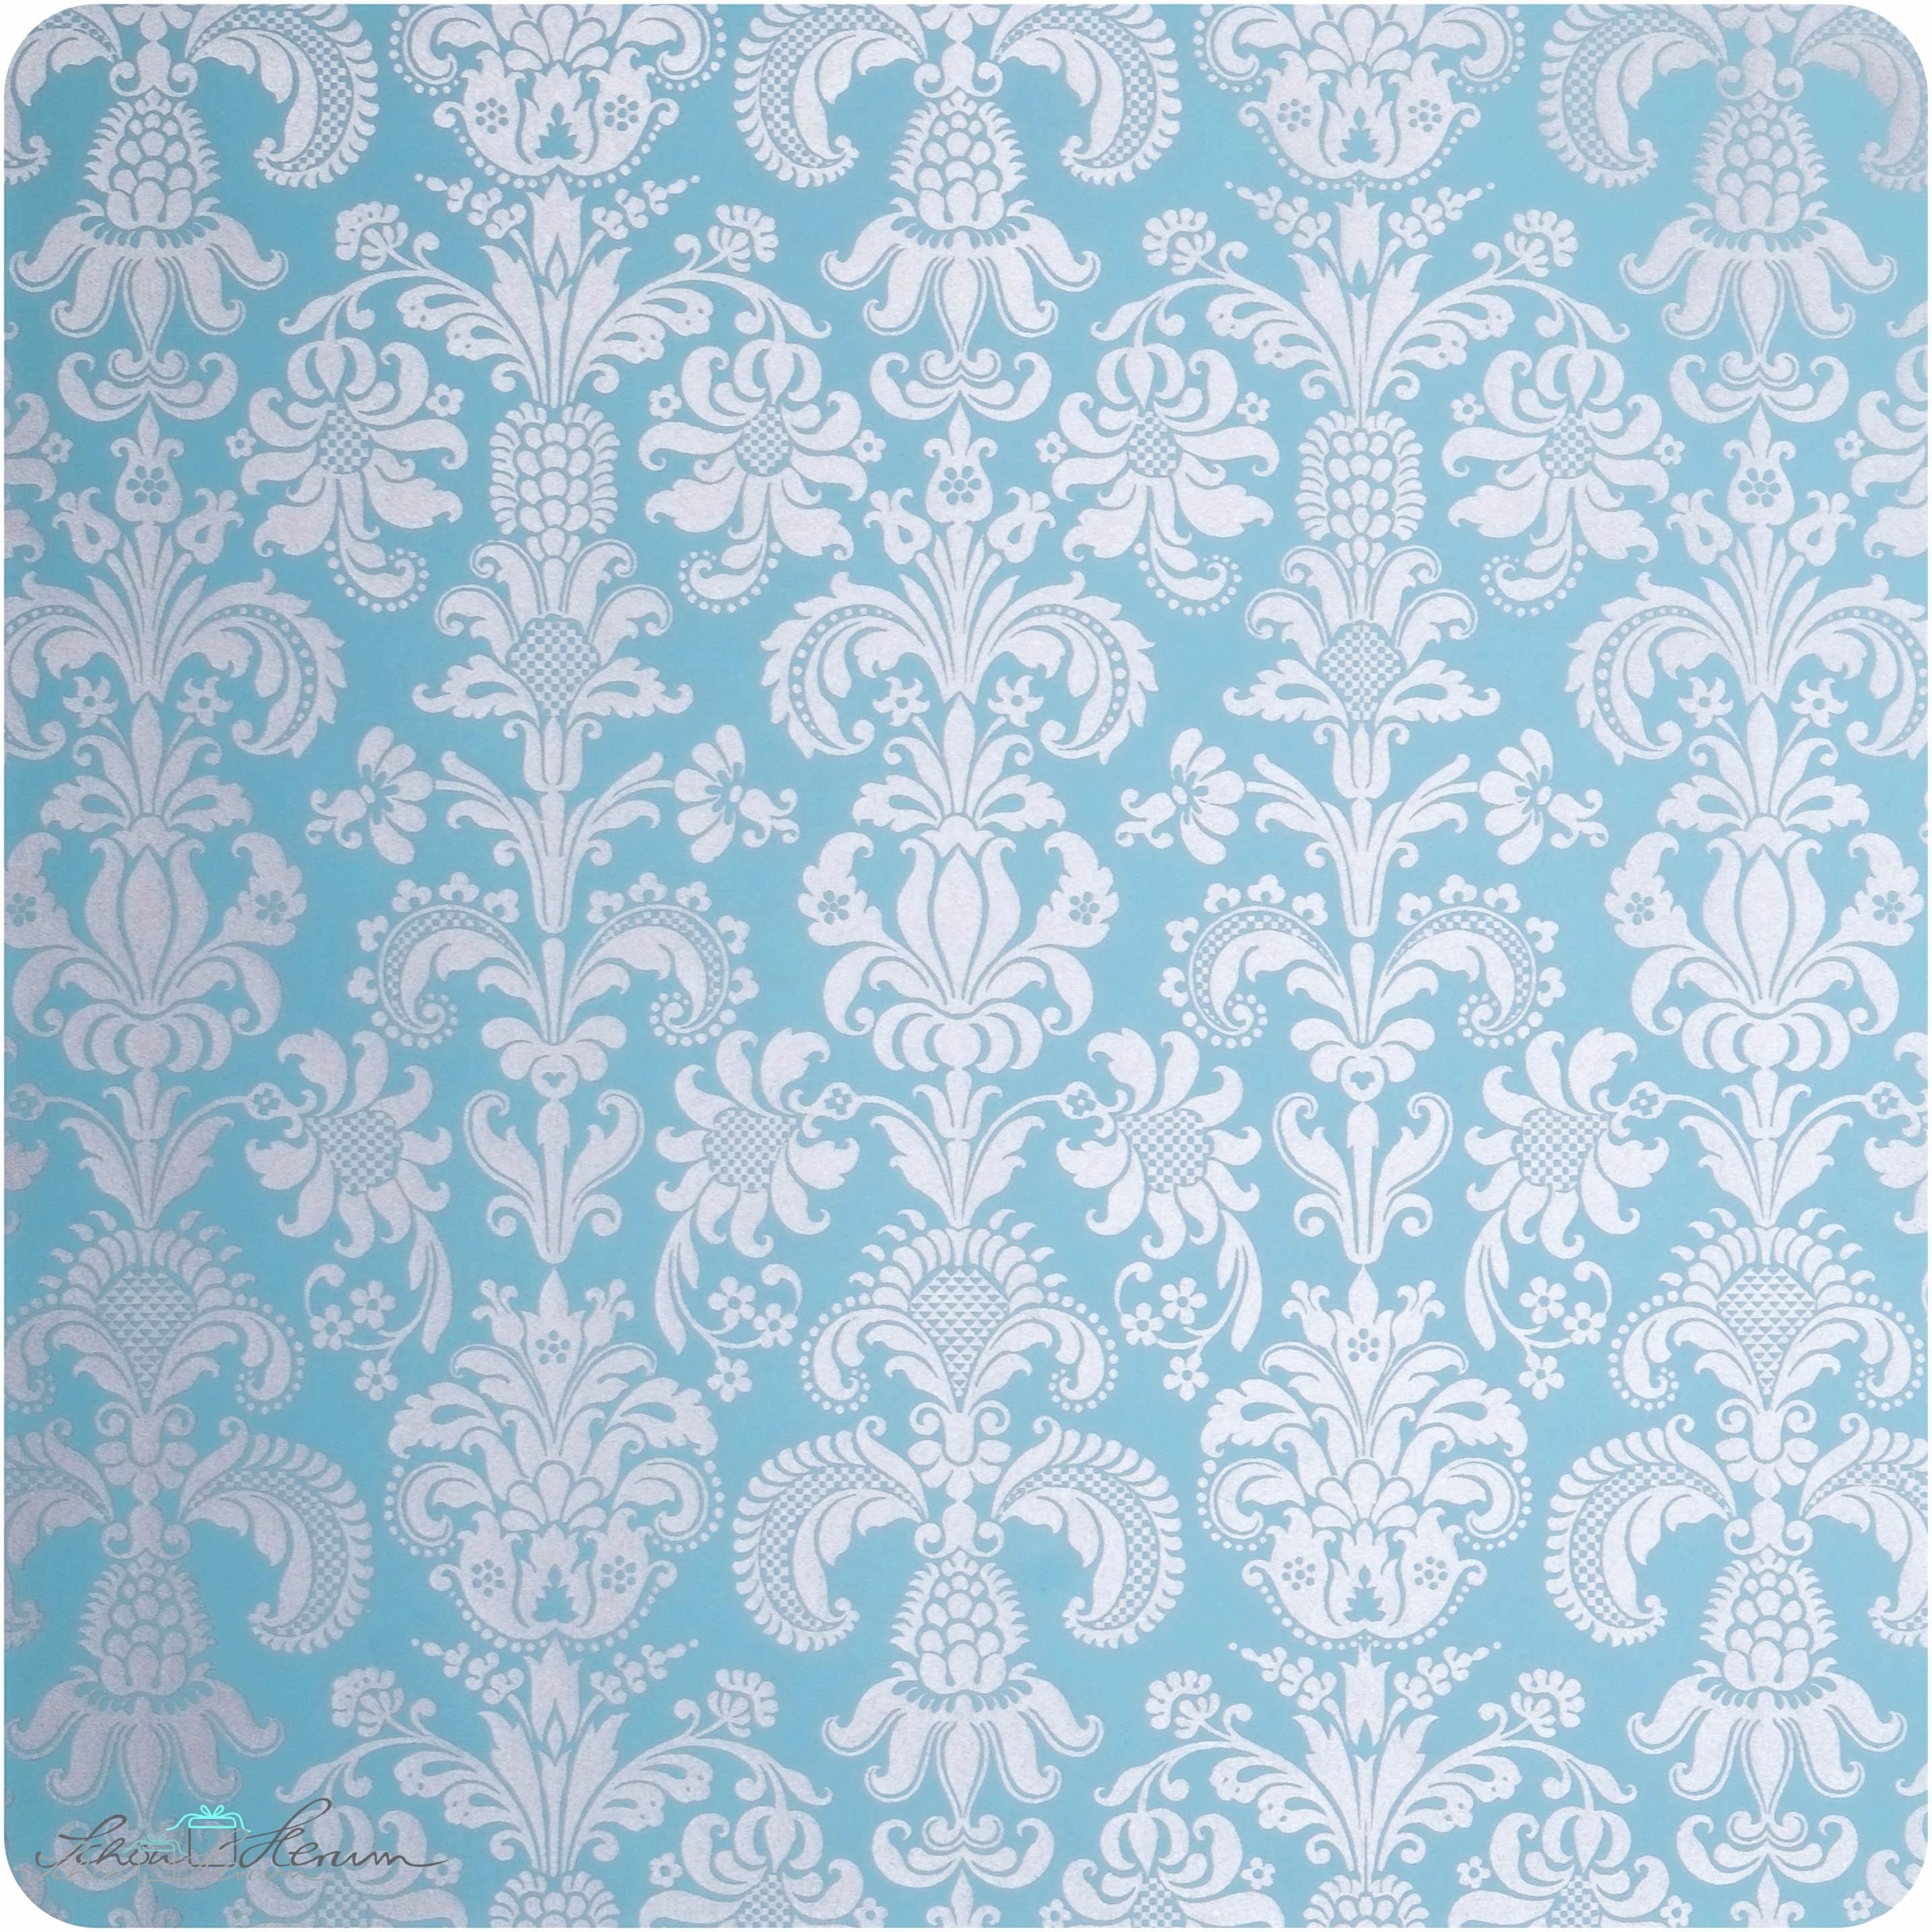 geschenkpapier gobelin silber und blau 50 x 70 cm. Black Bedroom Furniture Sets. Home Design Ideas